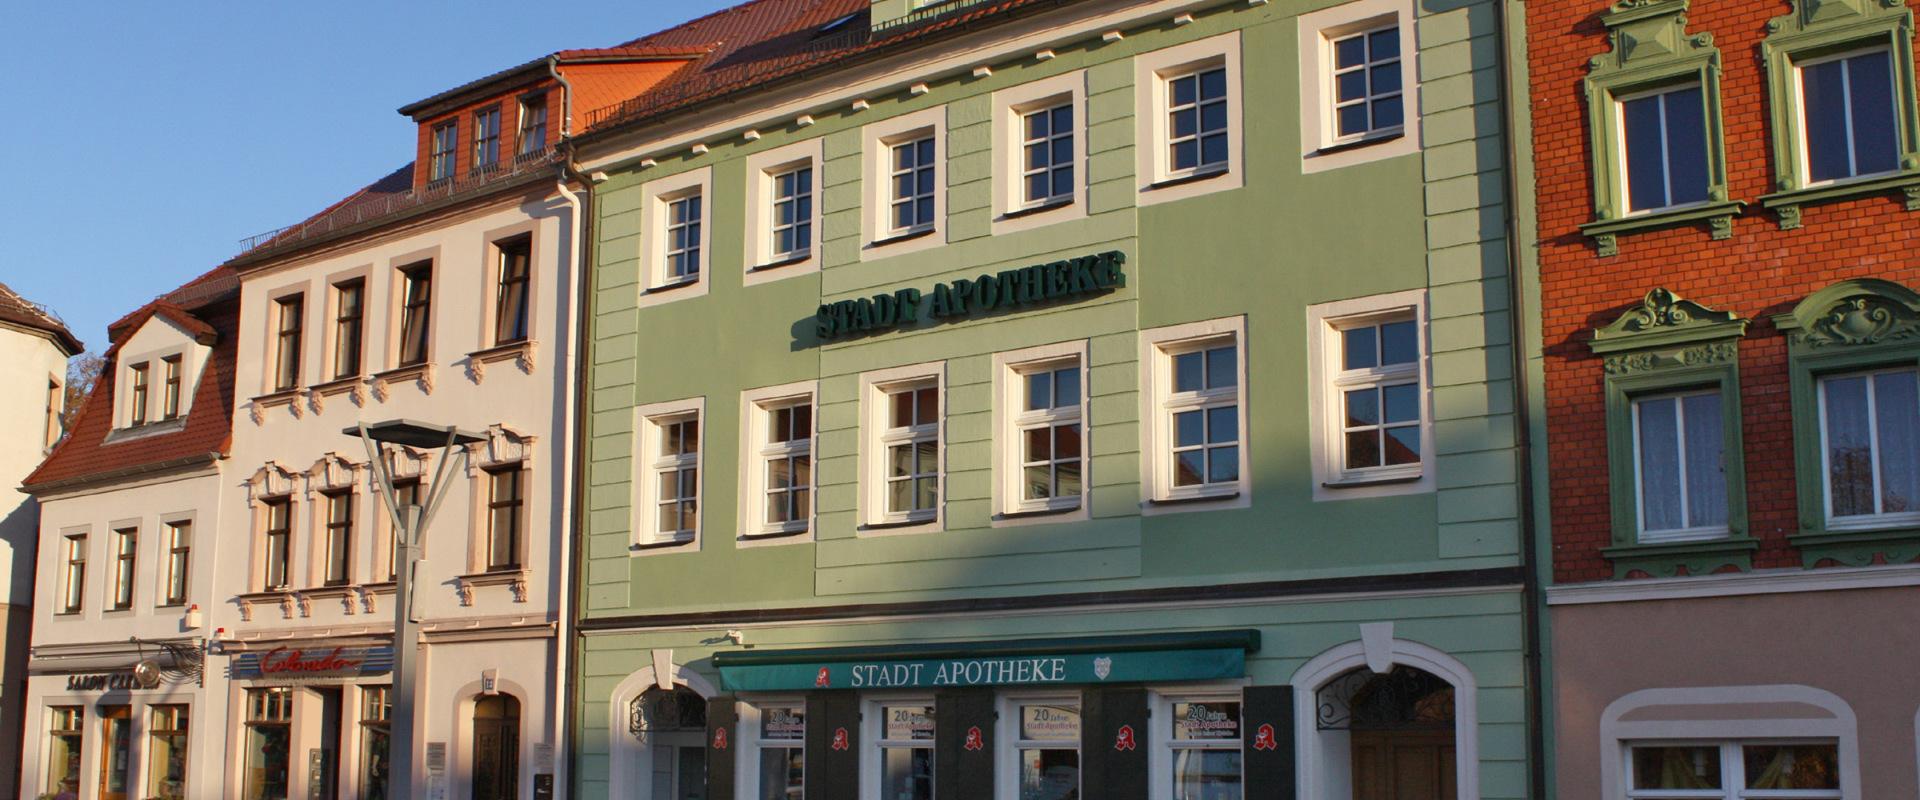 Stadt-Apotheke Bischofswerda